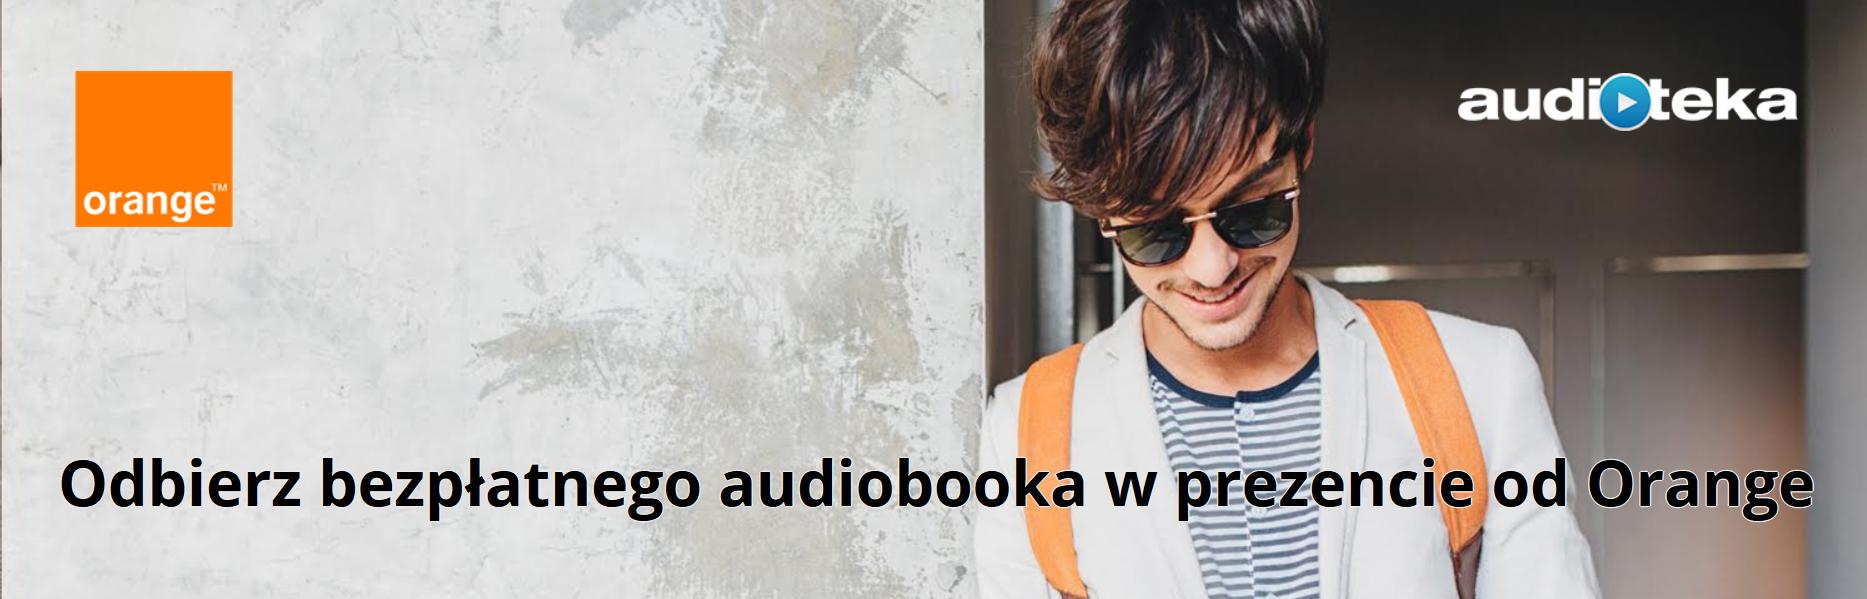 Zapisz się na newsletter. Na start otrzymasz darmowego audiobooka.